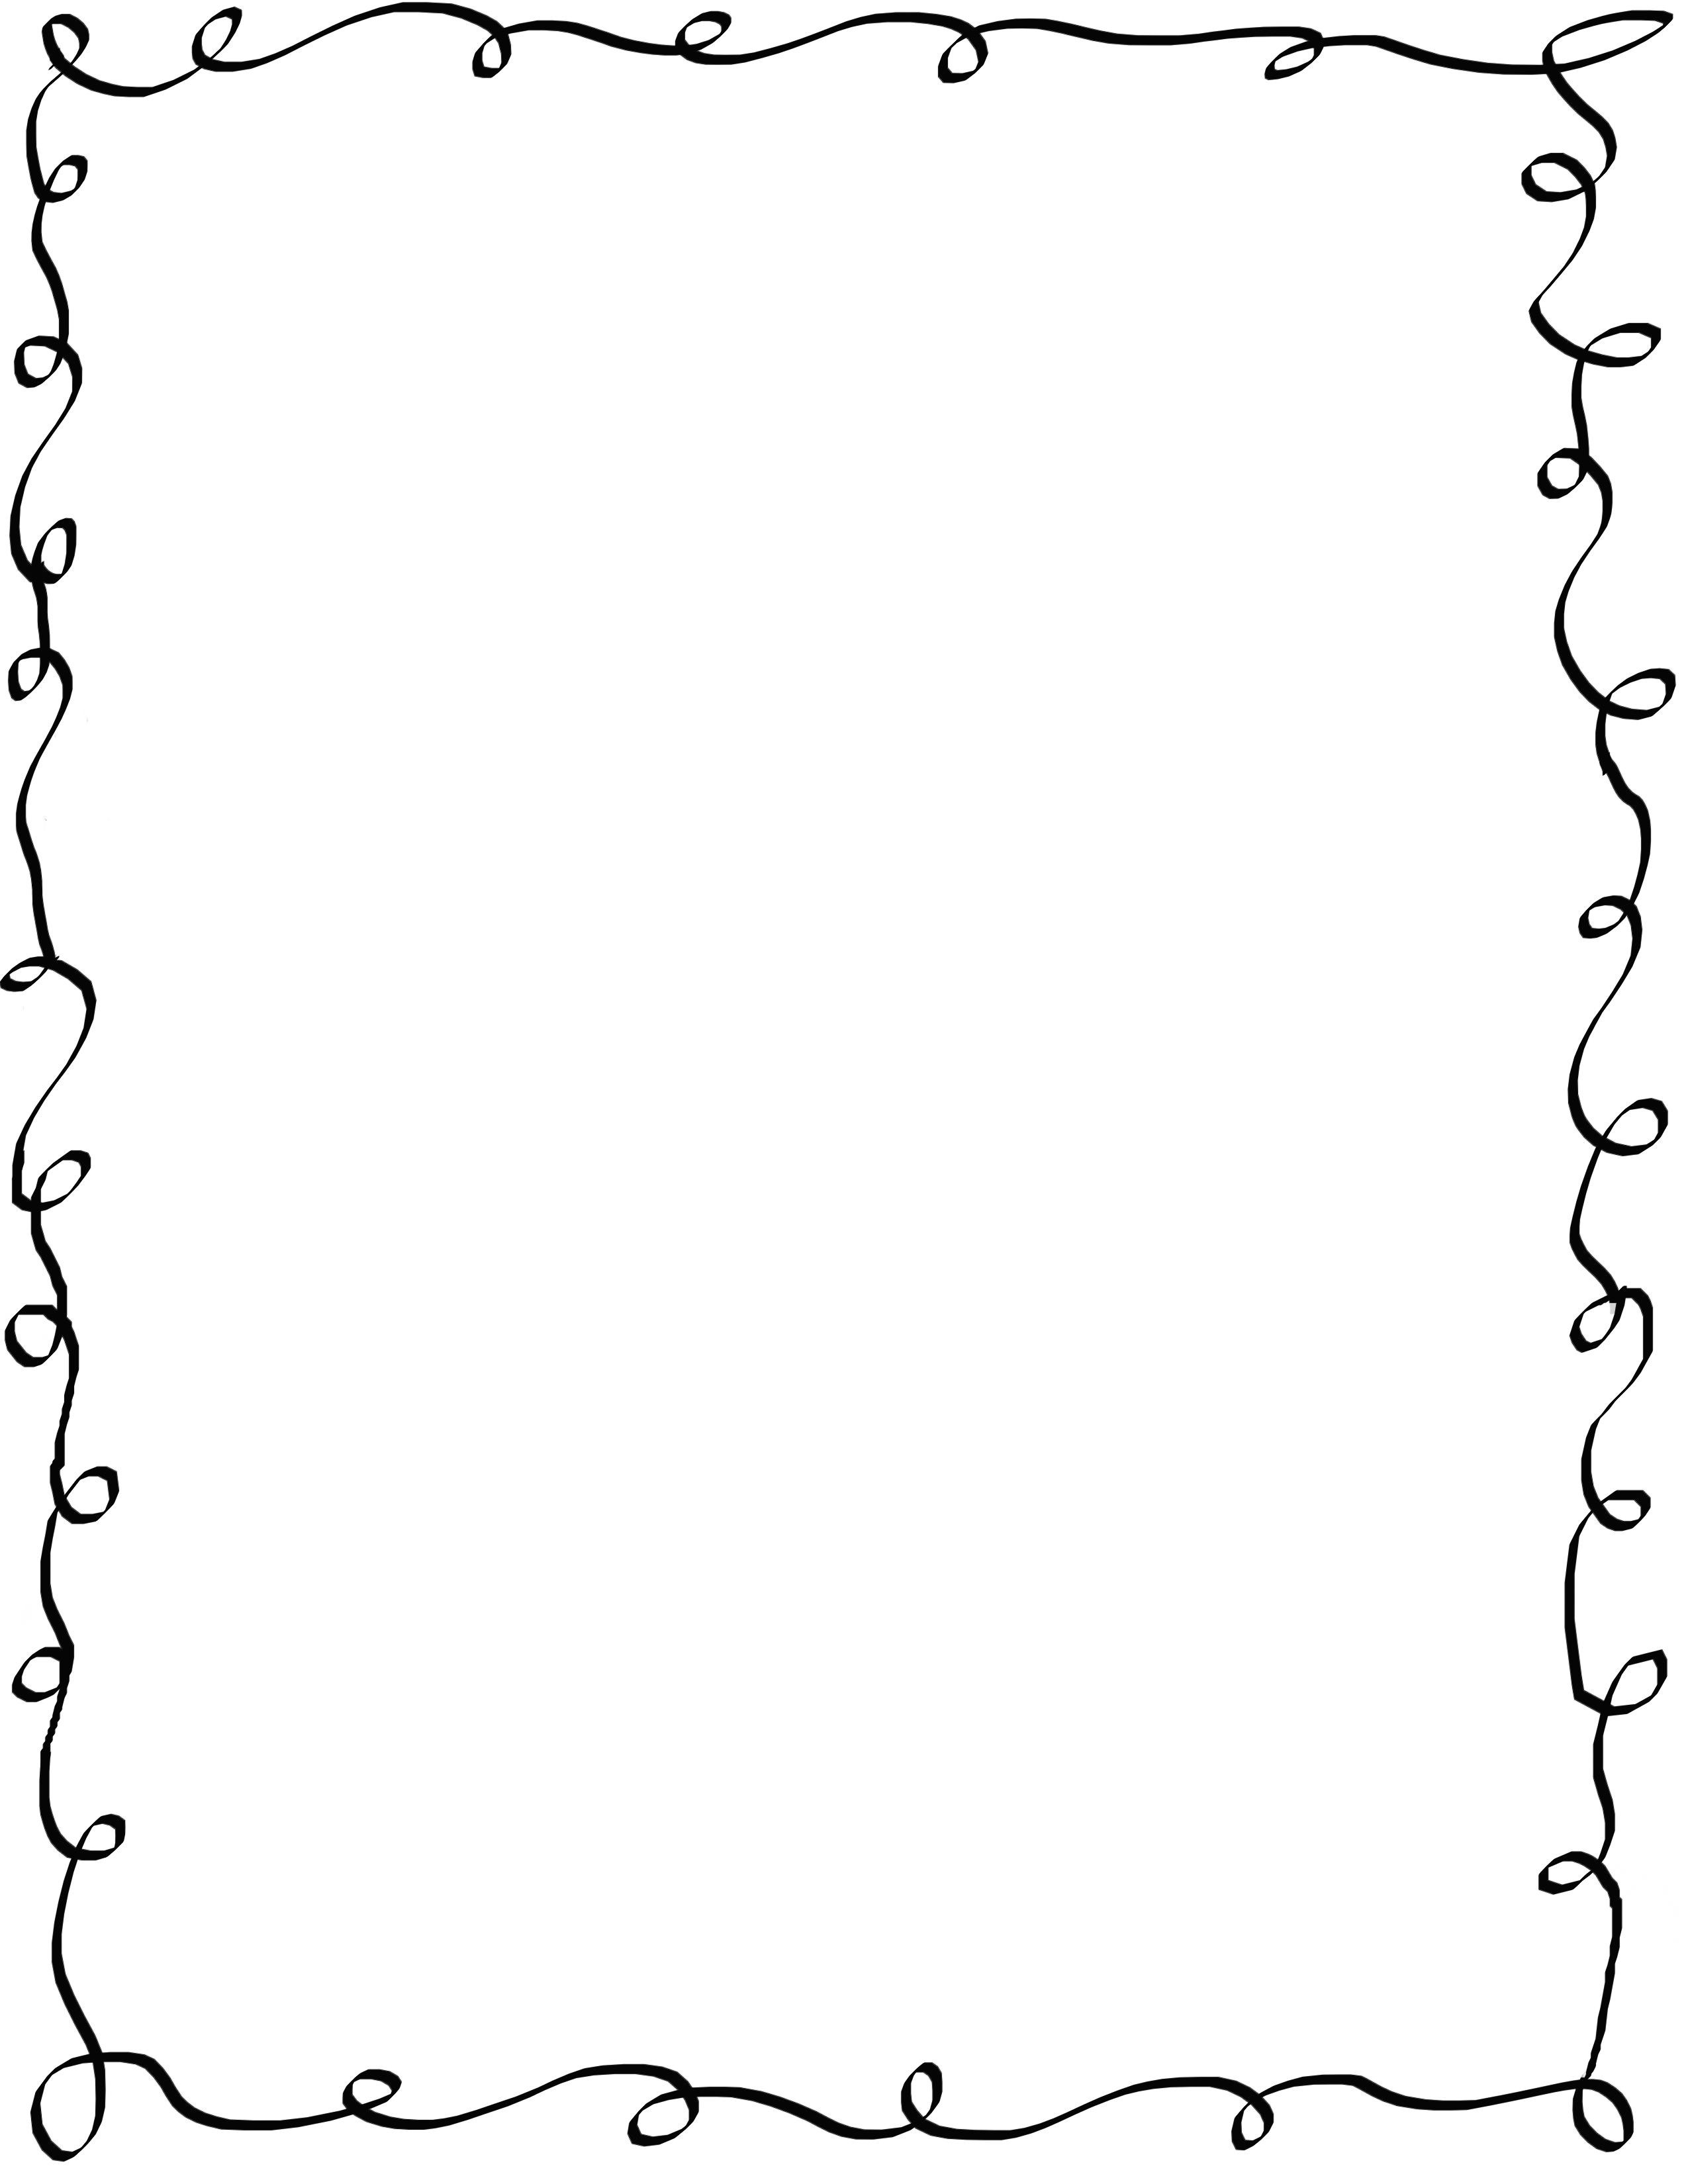 Pin De Carole Castillo Em Marcos Imagens Preto E Branco Bordas Preto E Branco